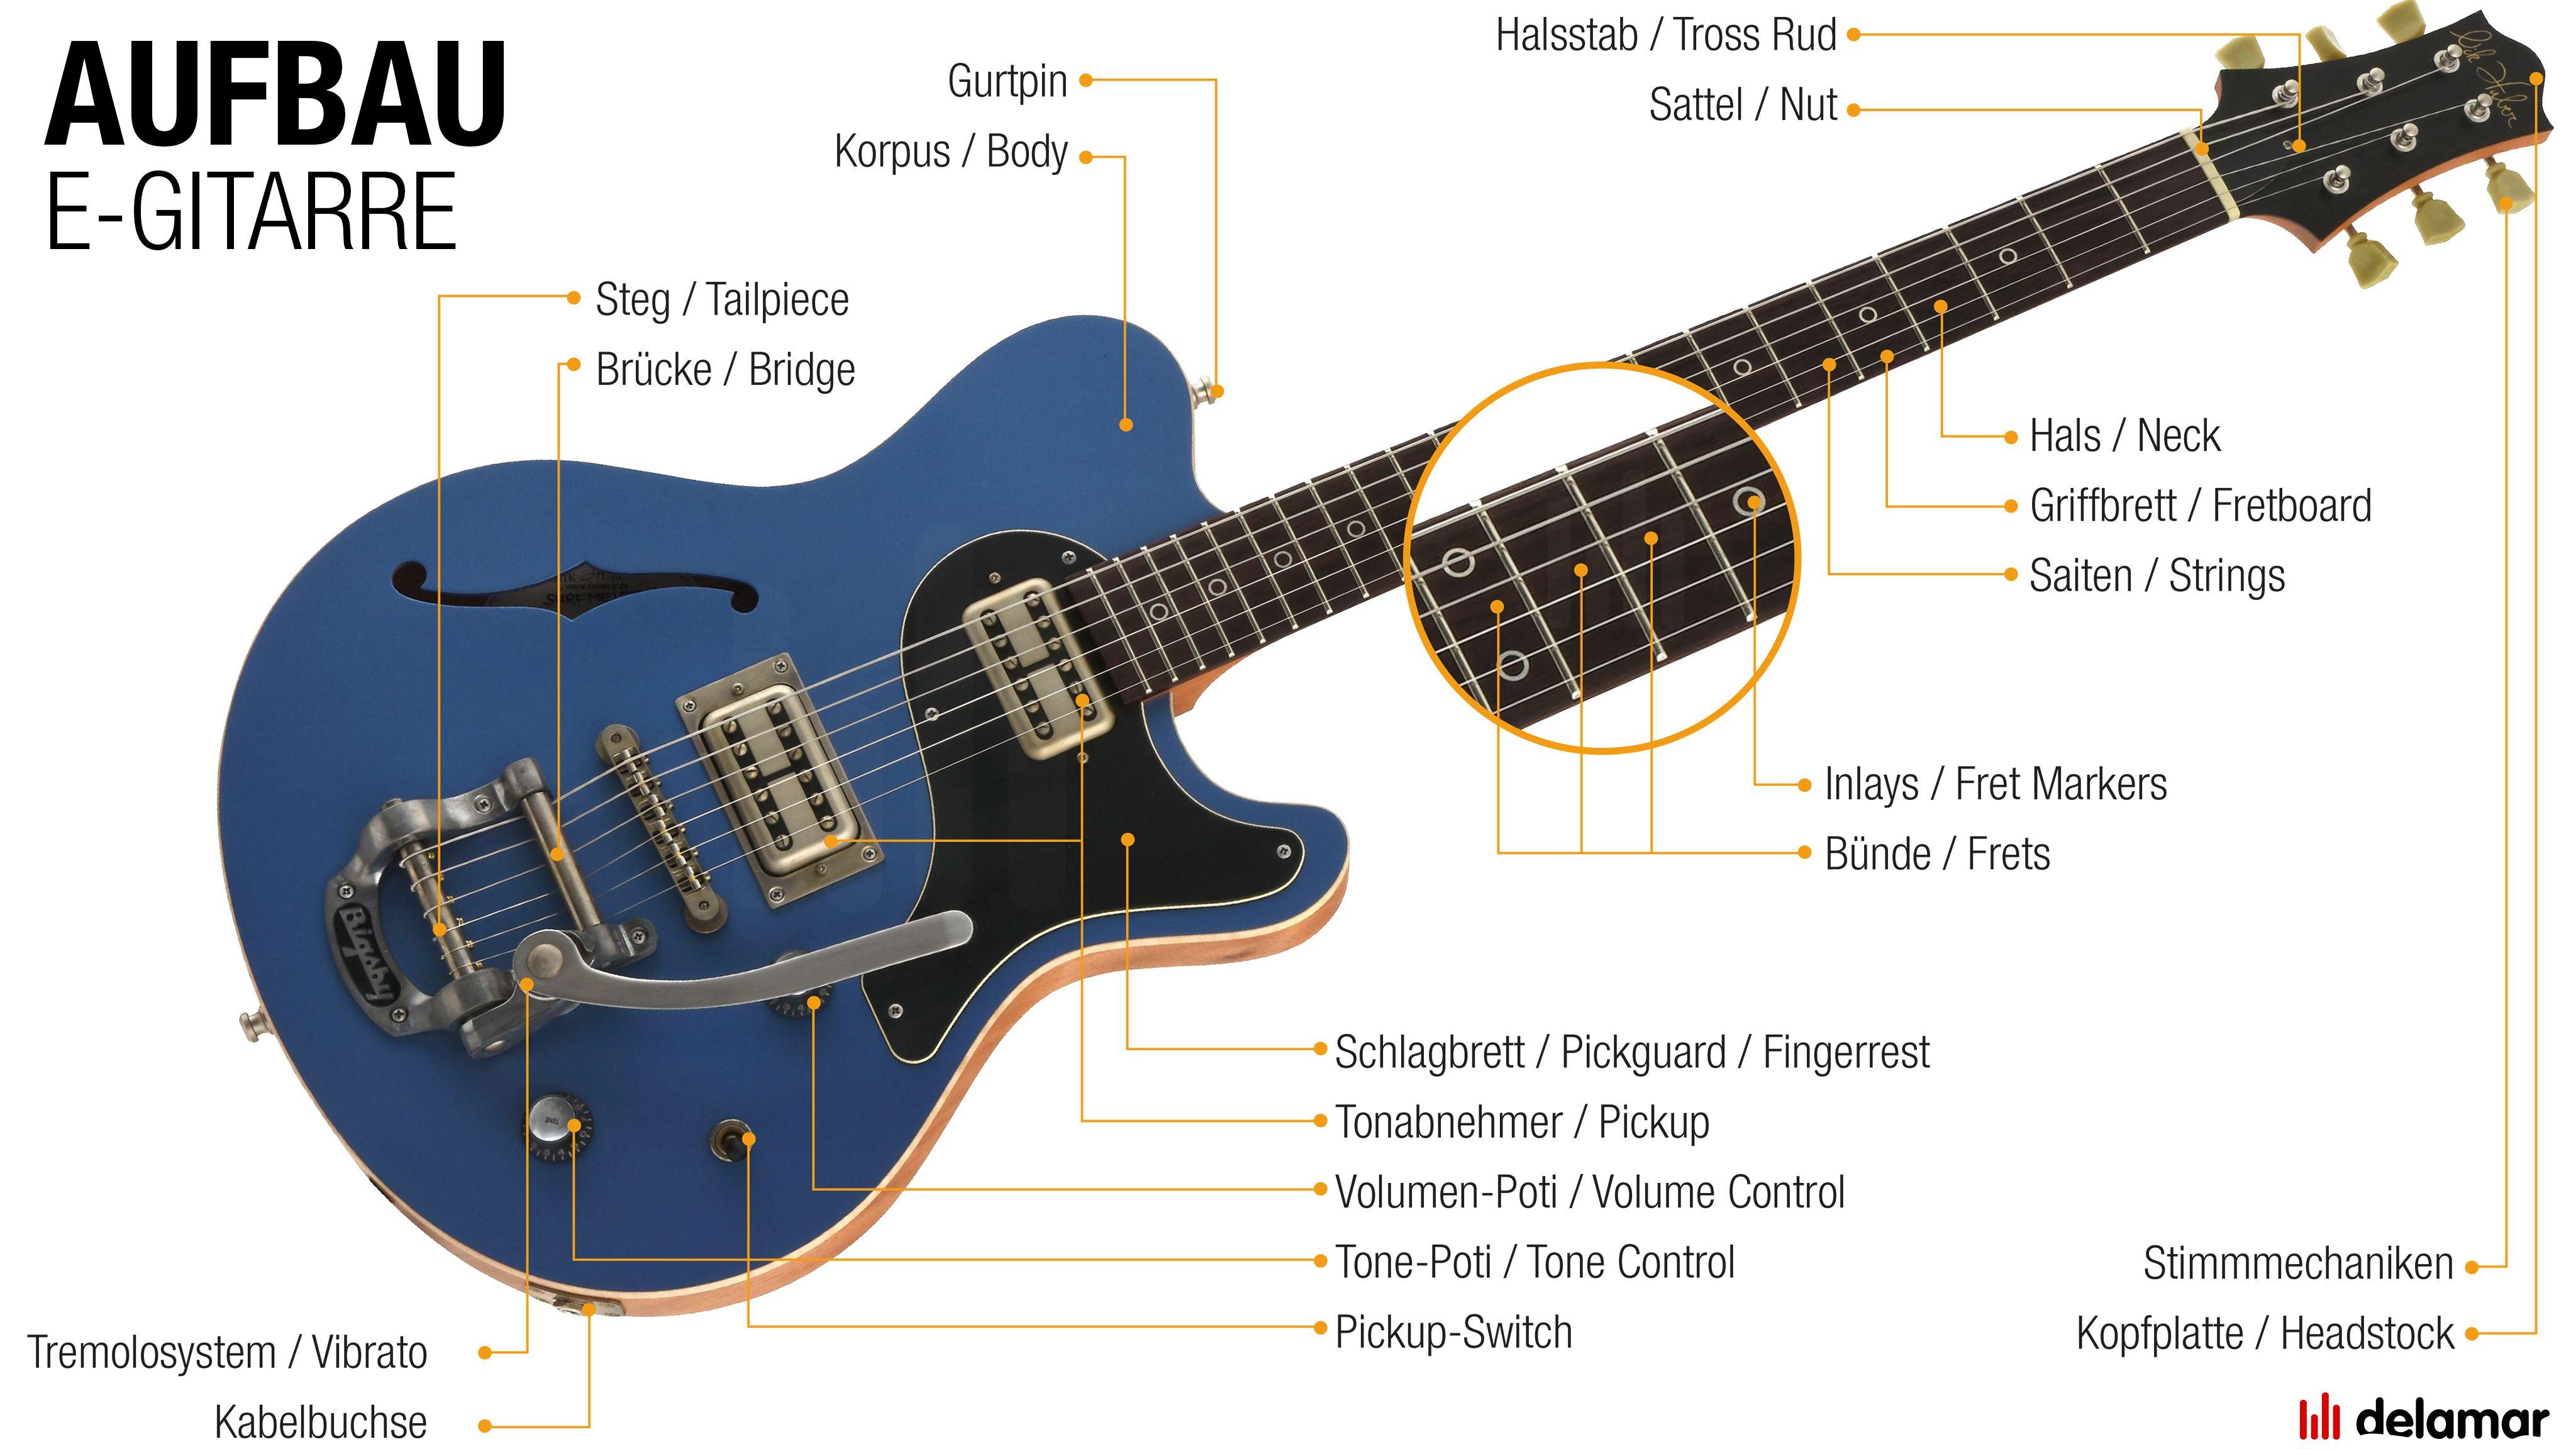 E-Gitarre: Aufbau & Schaubild | Gitarre, Medium und Schnell